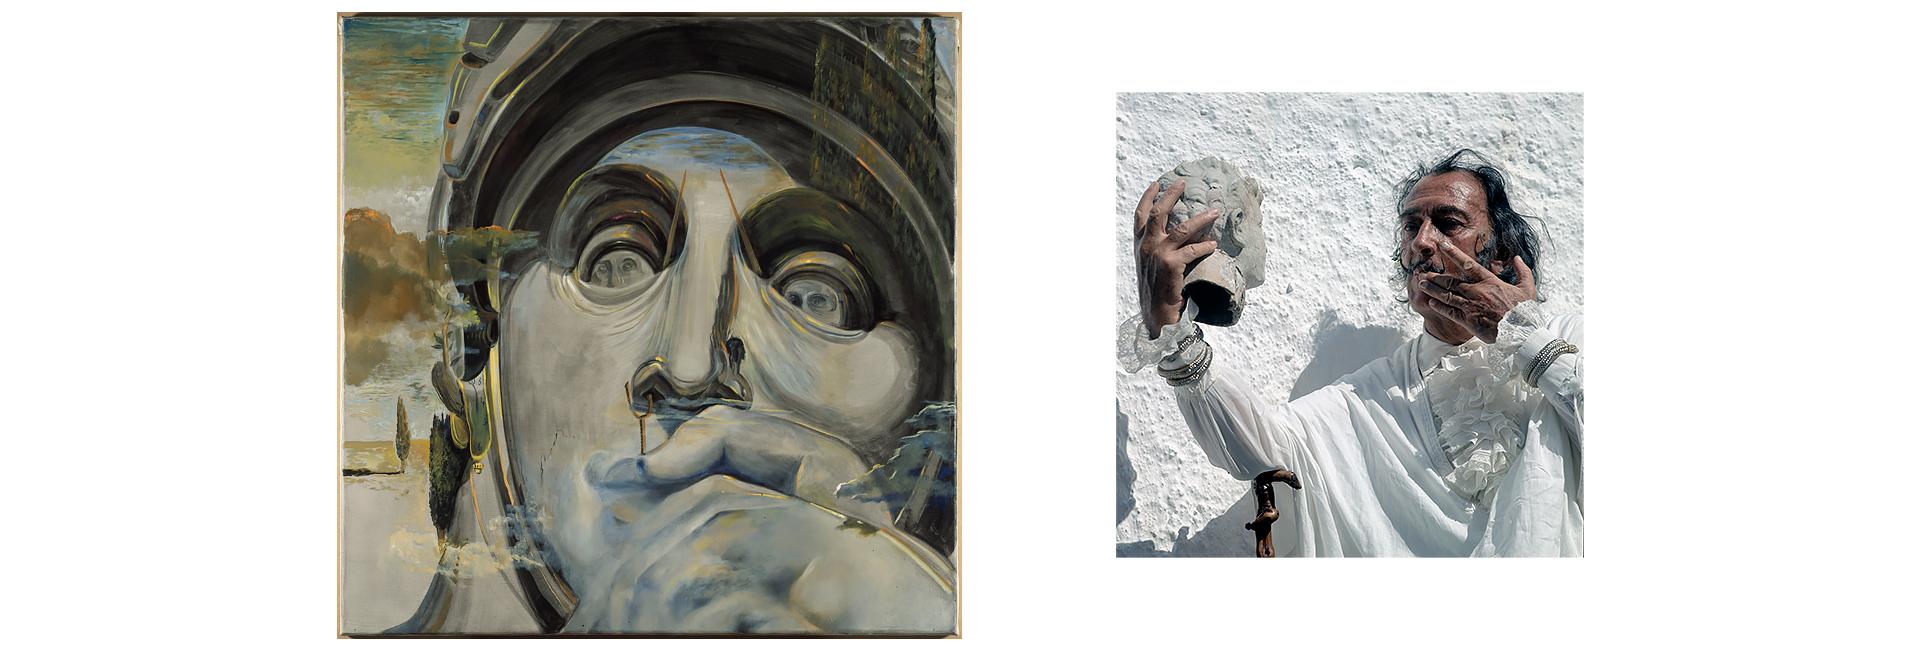 Сальвадор Дали. Сюрреалист и классик в музее Фаберже (фото 2)